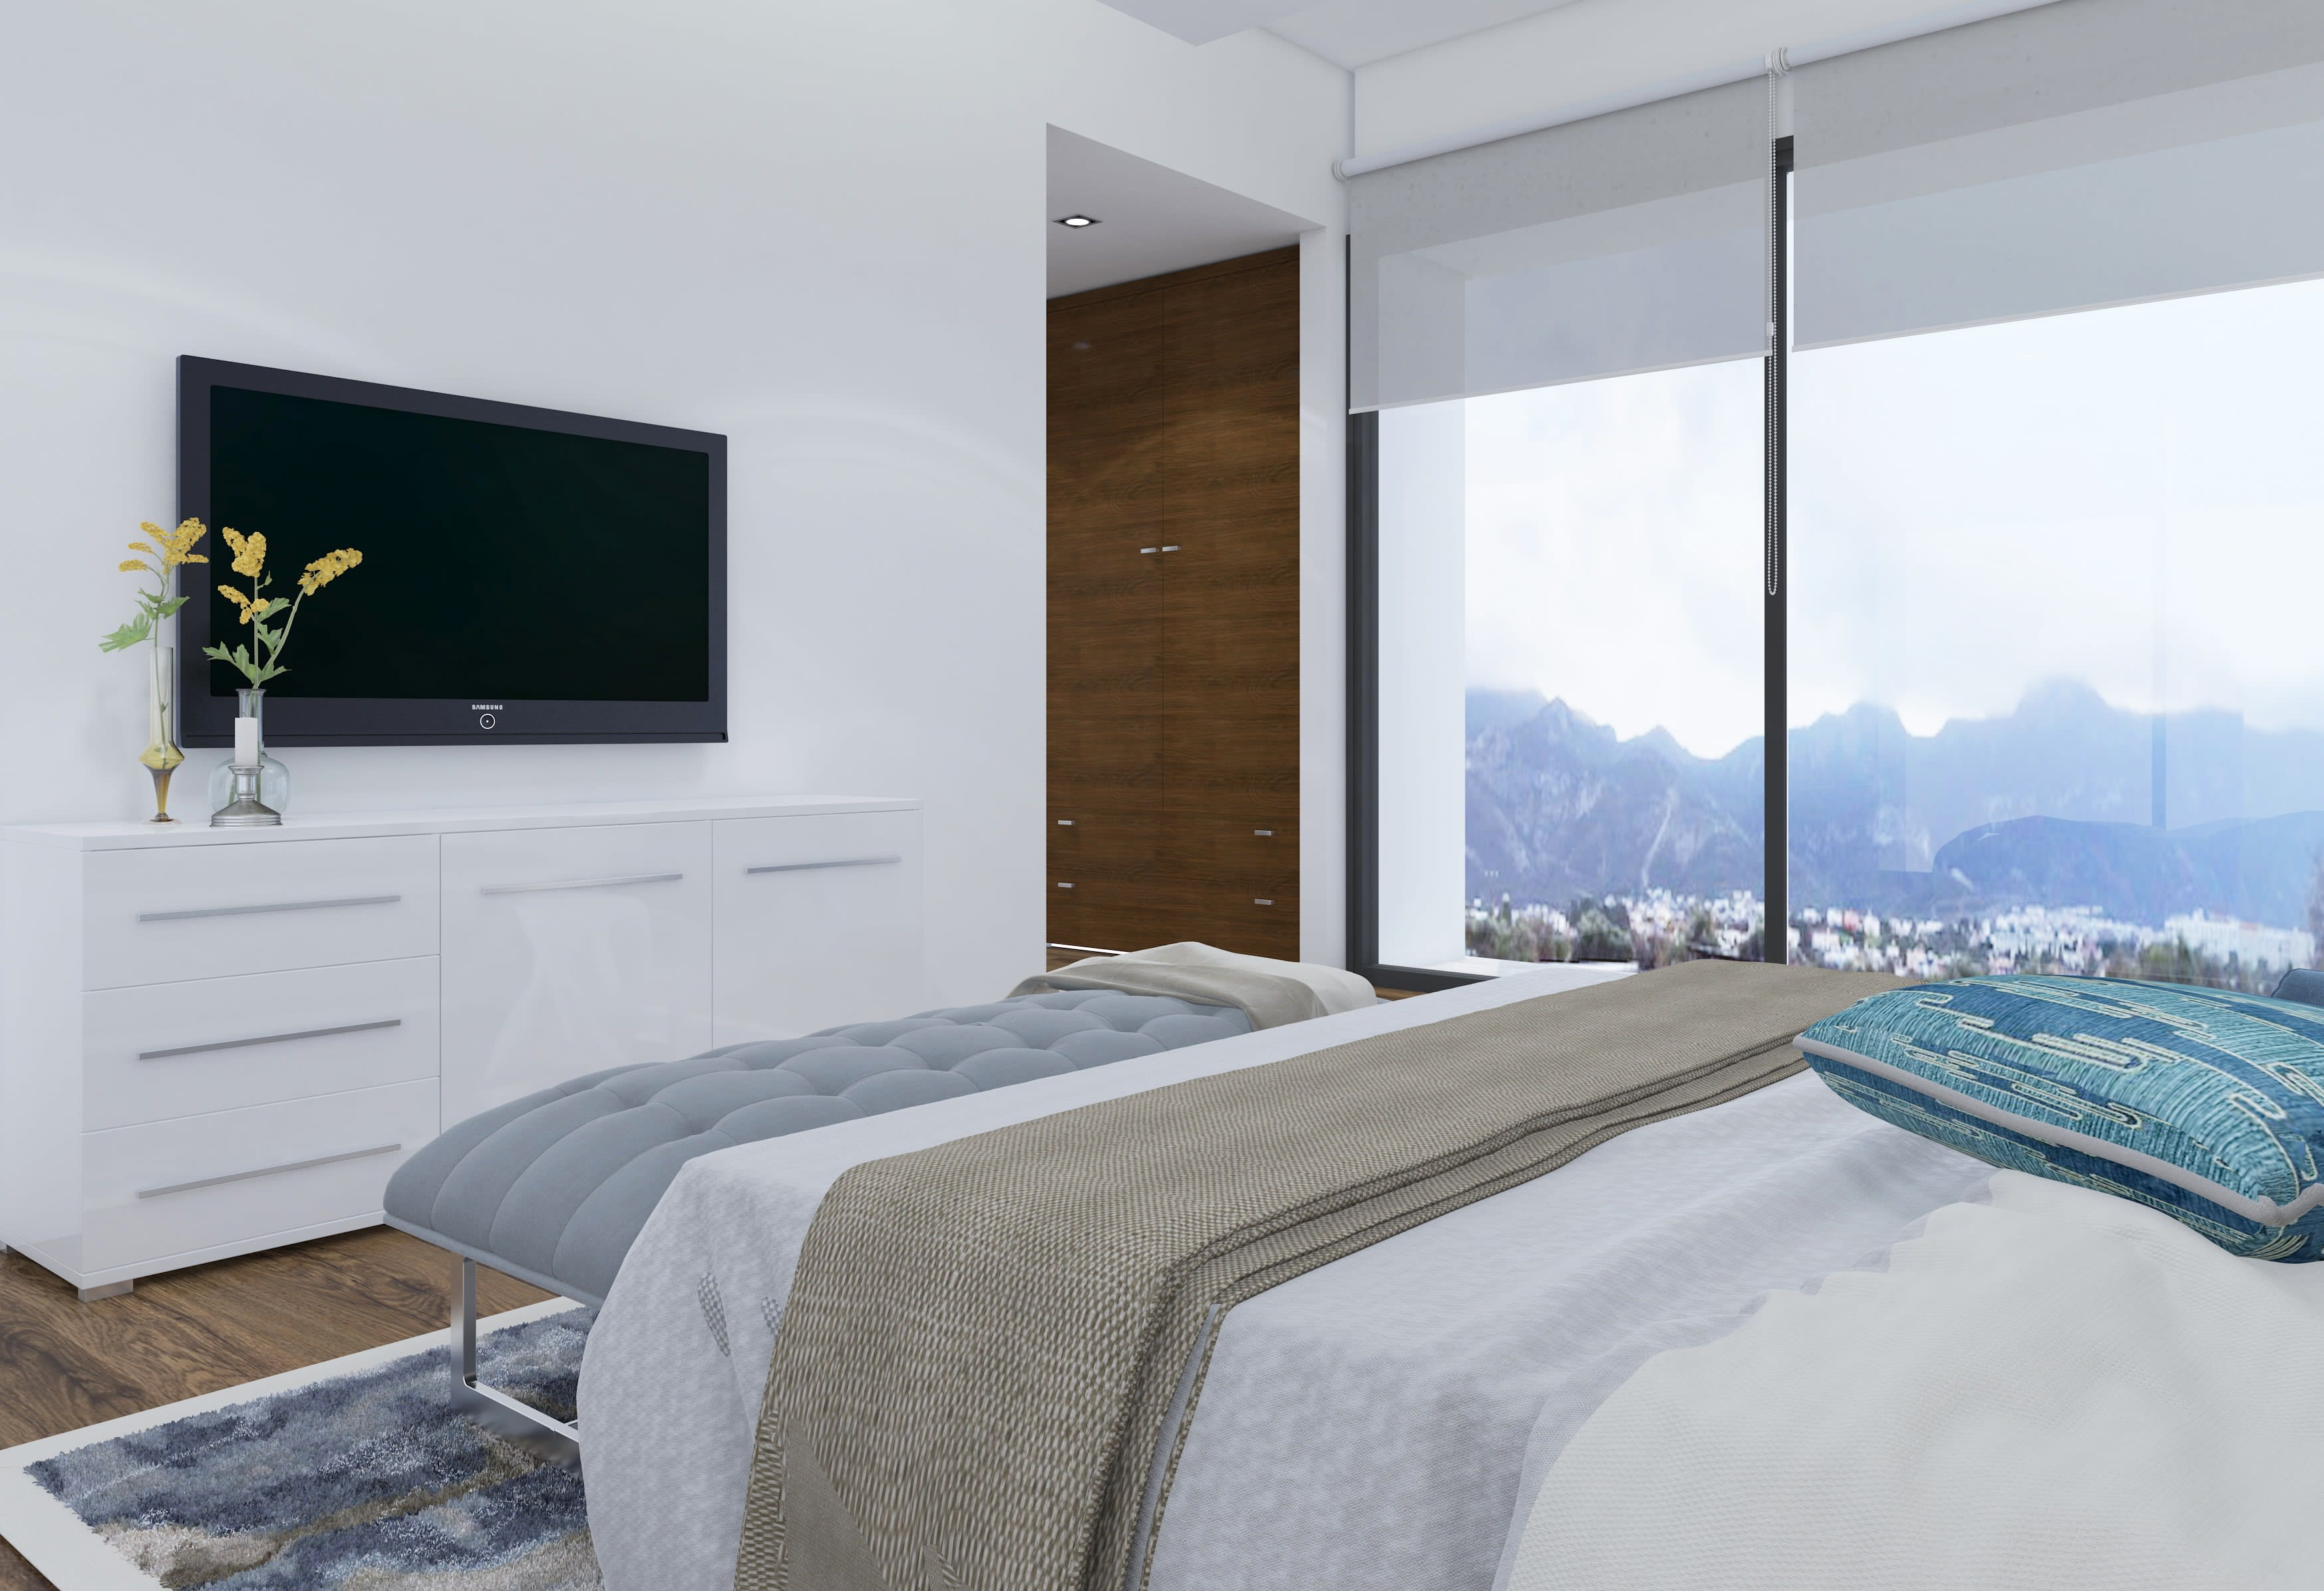 Çatalköy'de Satılık 4 Yatak Odalı ve Özel Havuzlu Lüks Villalar 7943